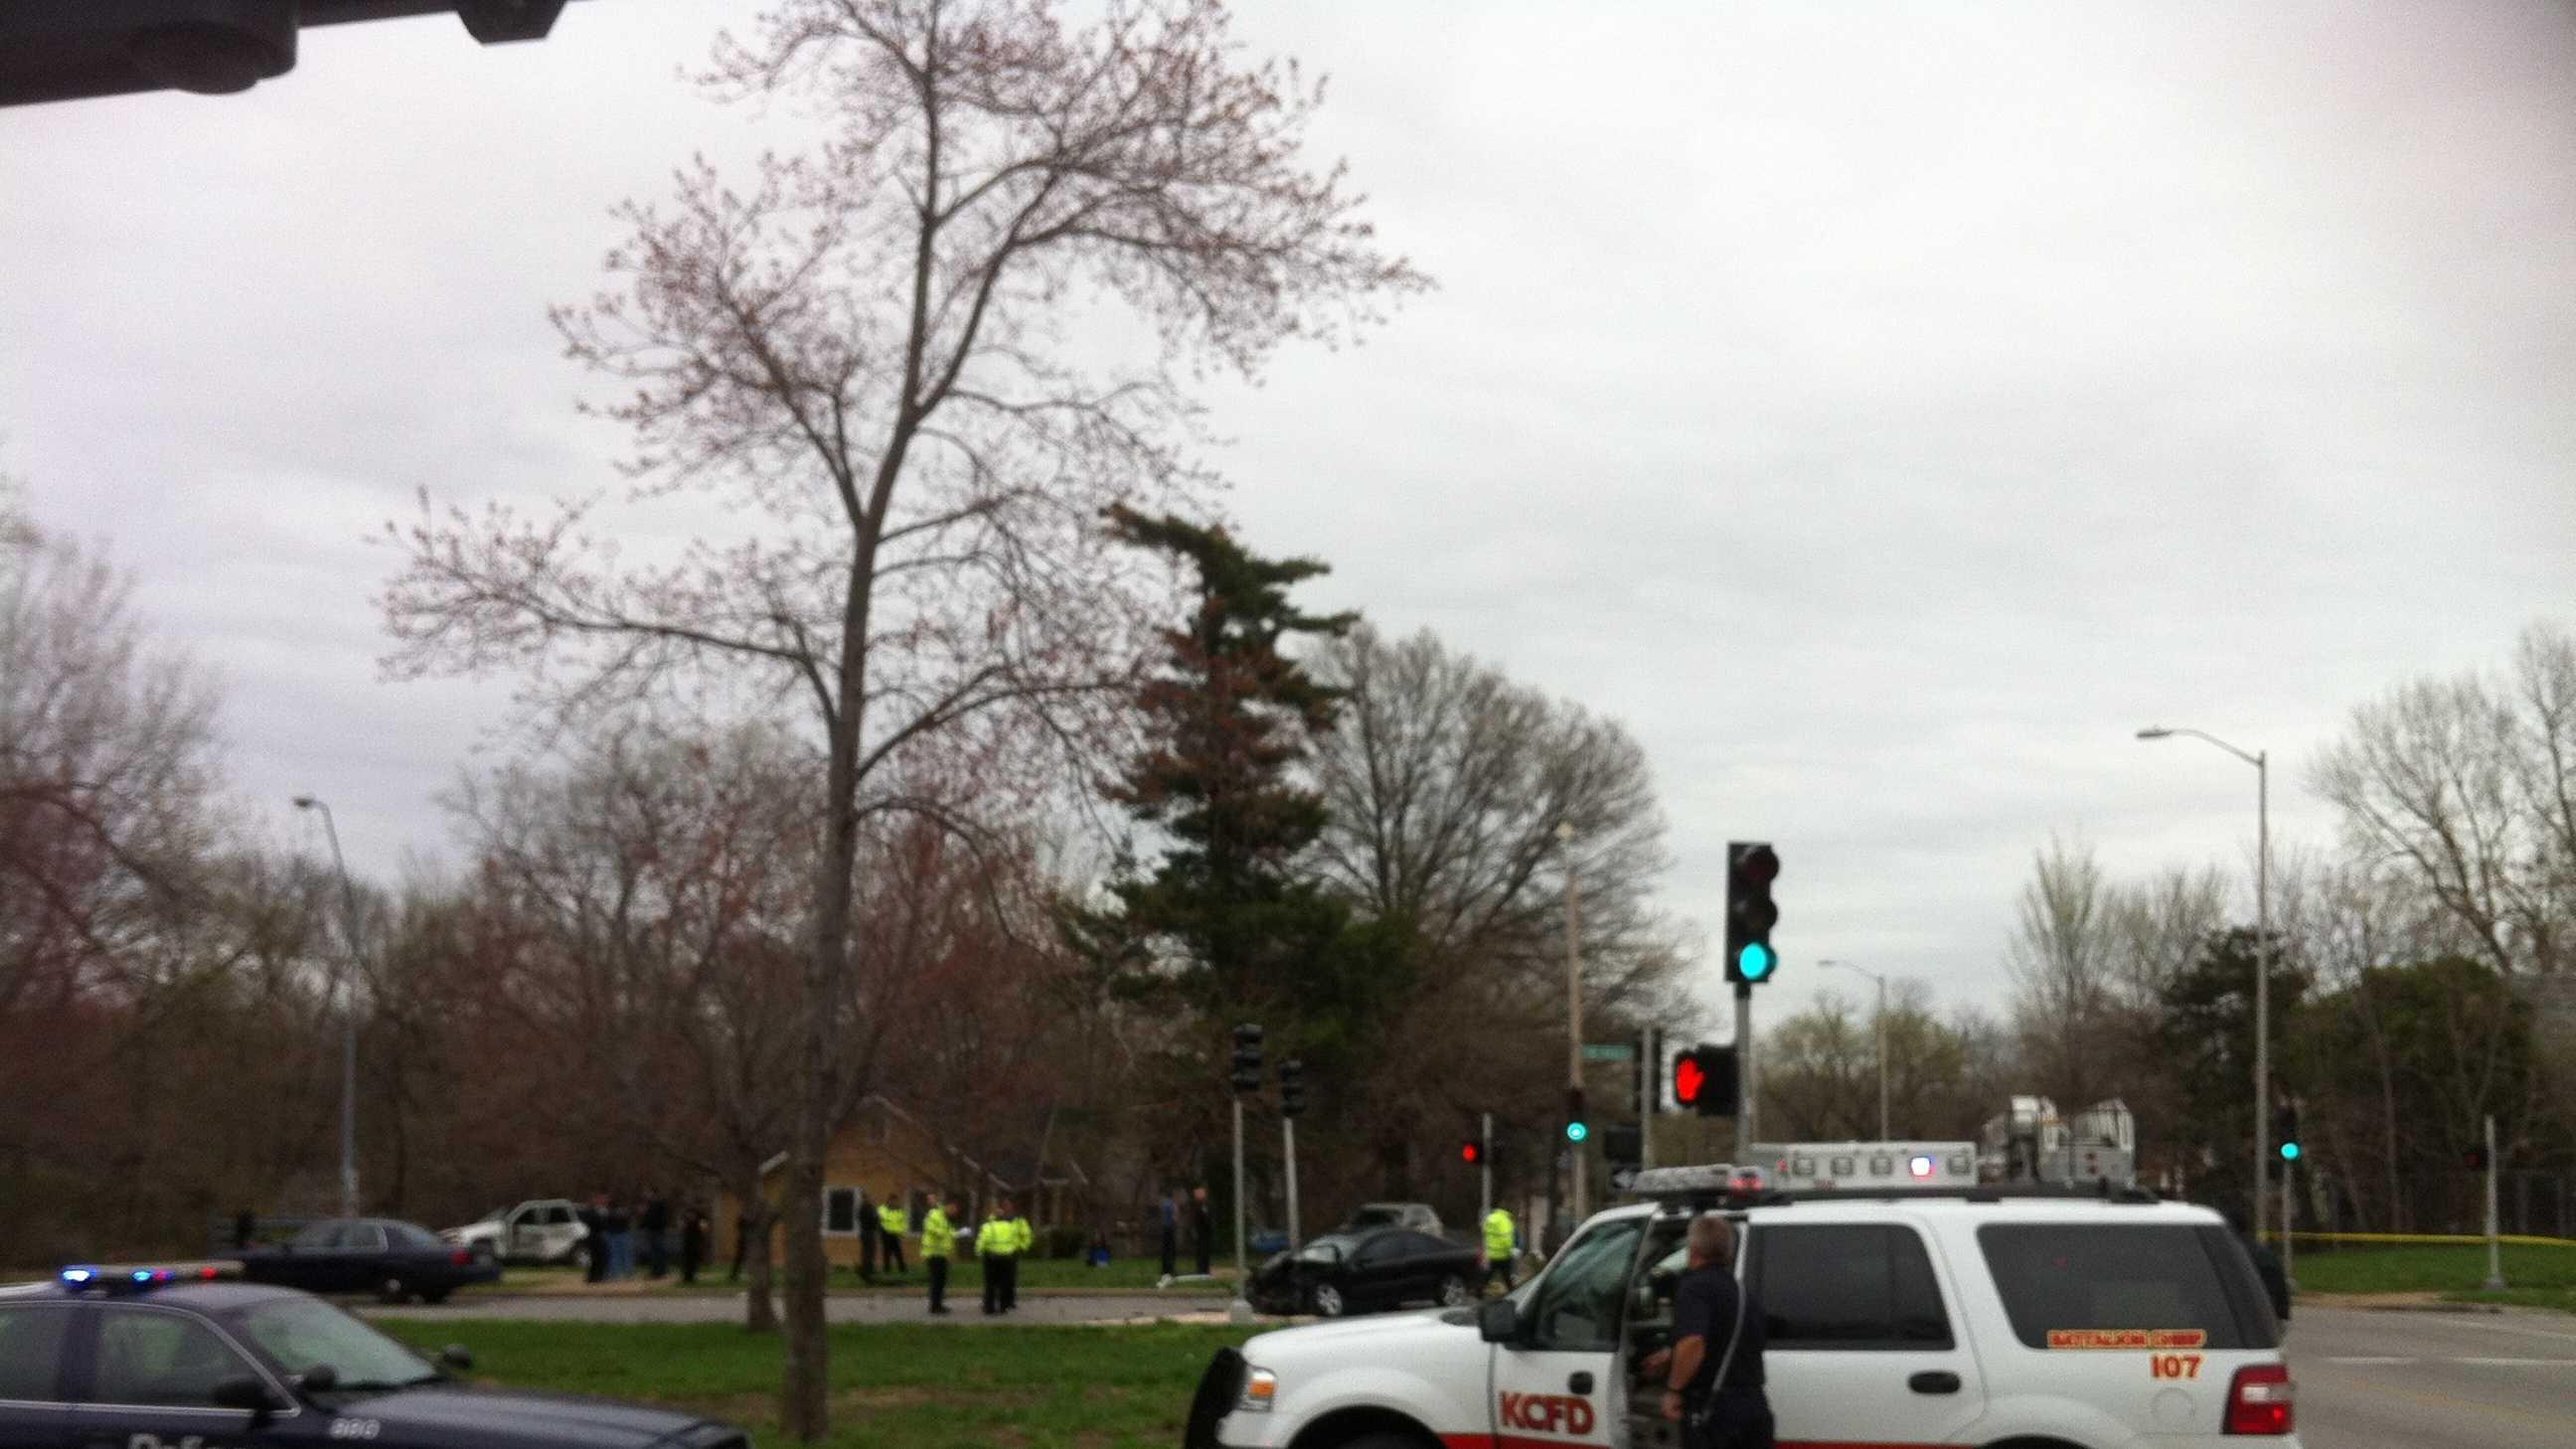 Image 75th and Paseo crash scene